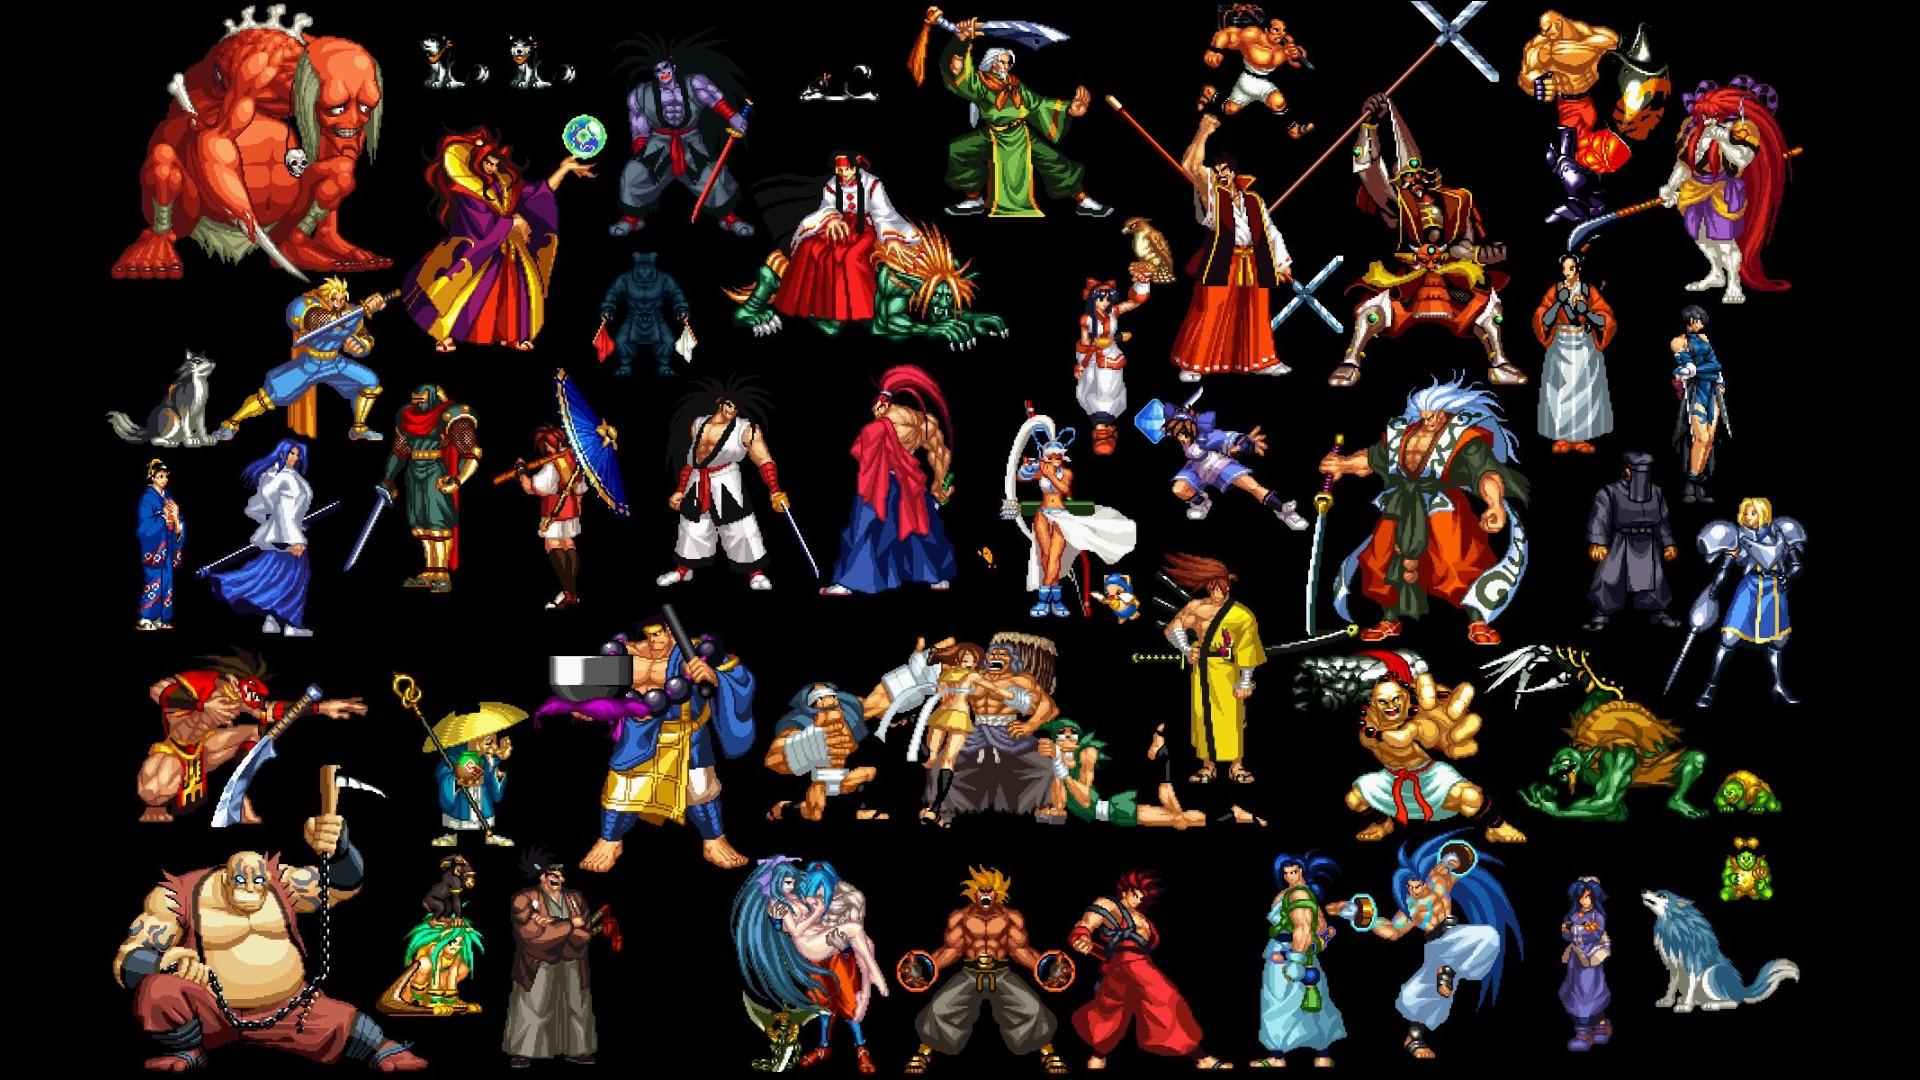 Samurai Wallpaper Iphone 6 Samurai Shodown Papel De Parede Hd Plano De Fundo